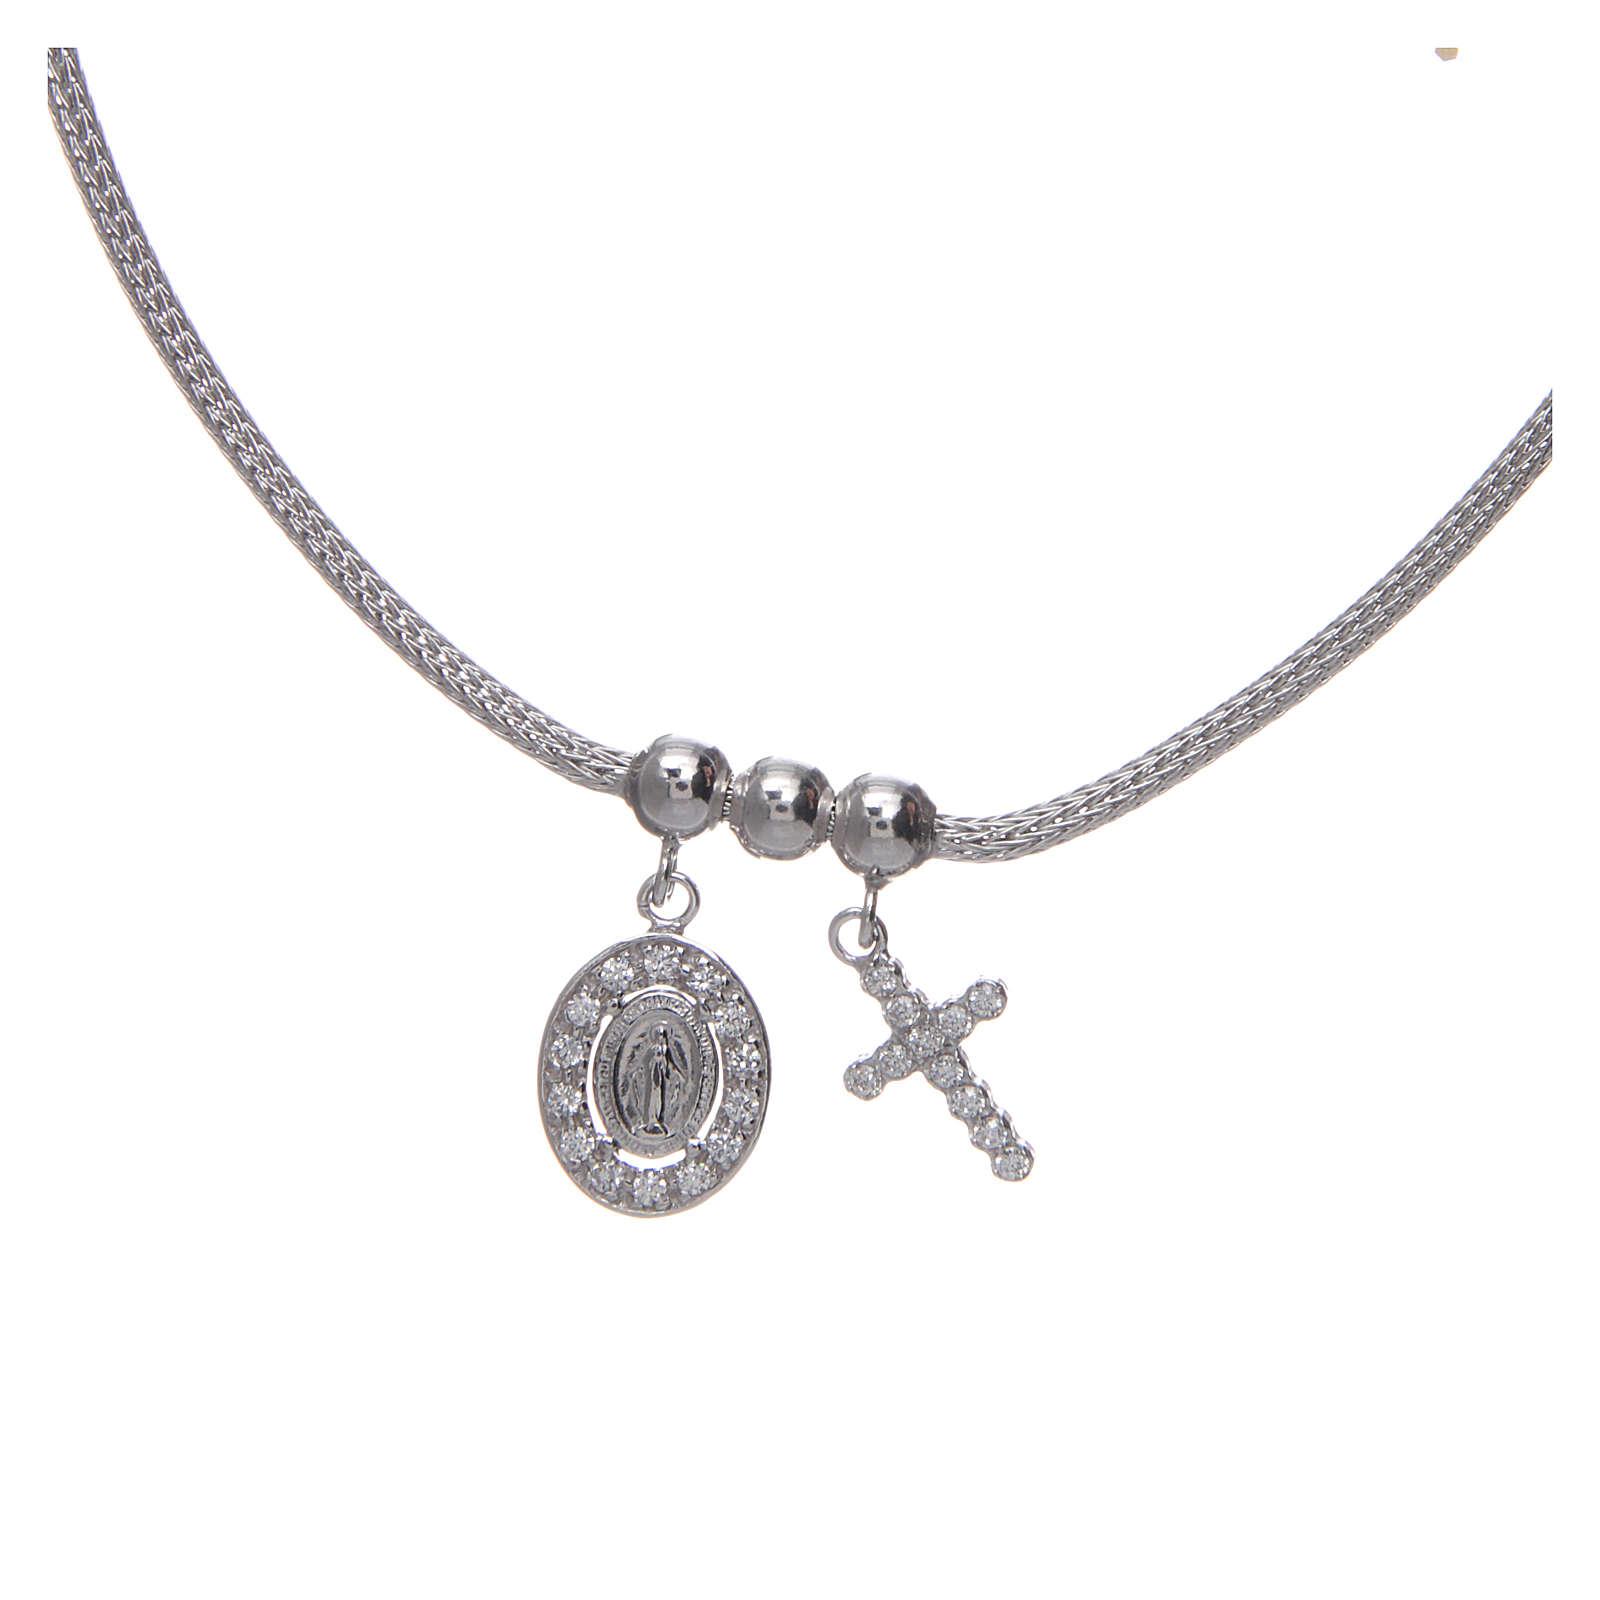 Collar de Plata 925 rodiada medalla Milagrosa y Cruz con cuentas strass 4